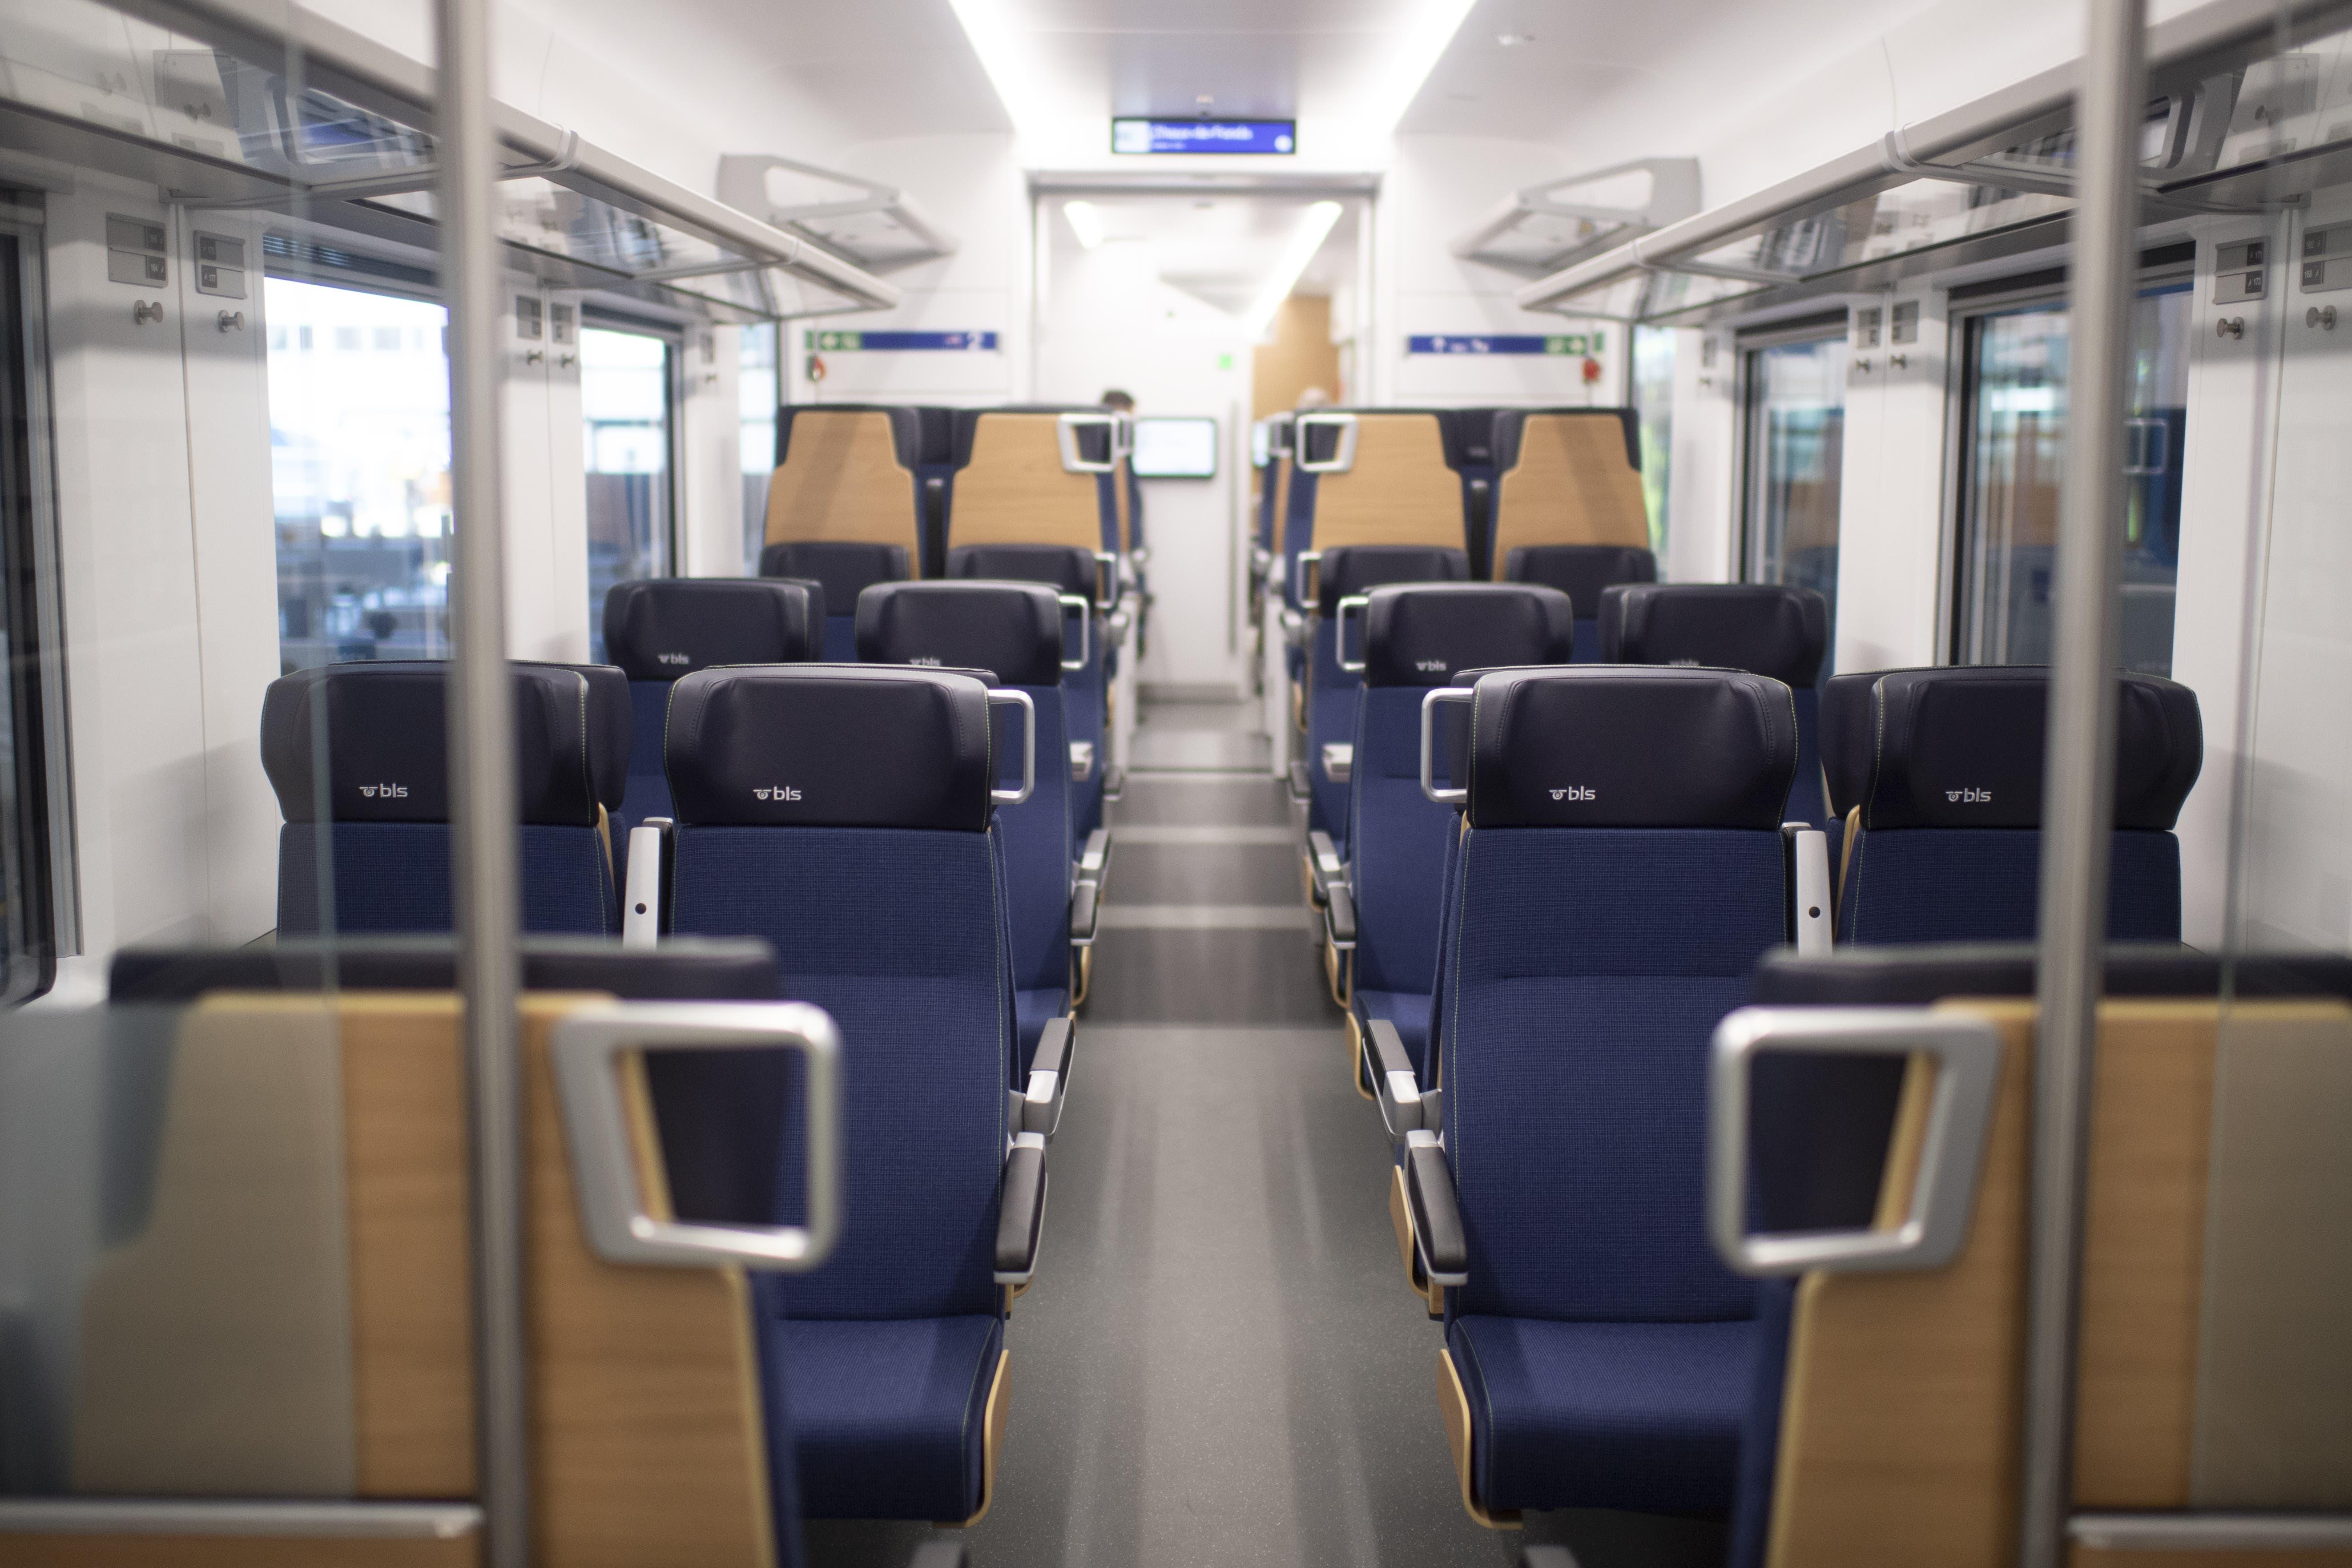 Blick in die 2. Klasse des Flirt. Ein Triebzug bietet 196 Sitzplätze in der 2. Klasse und 46 in der 1. Klasse. Hinzu kommen 200 Stehplätze.